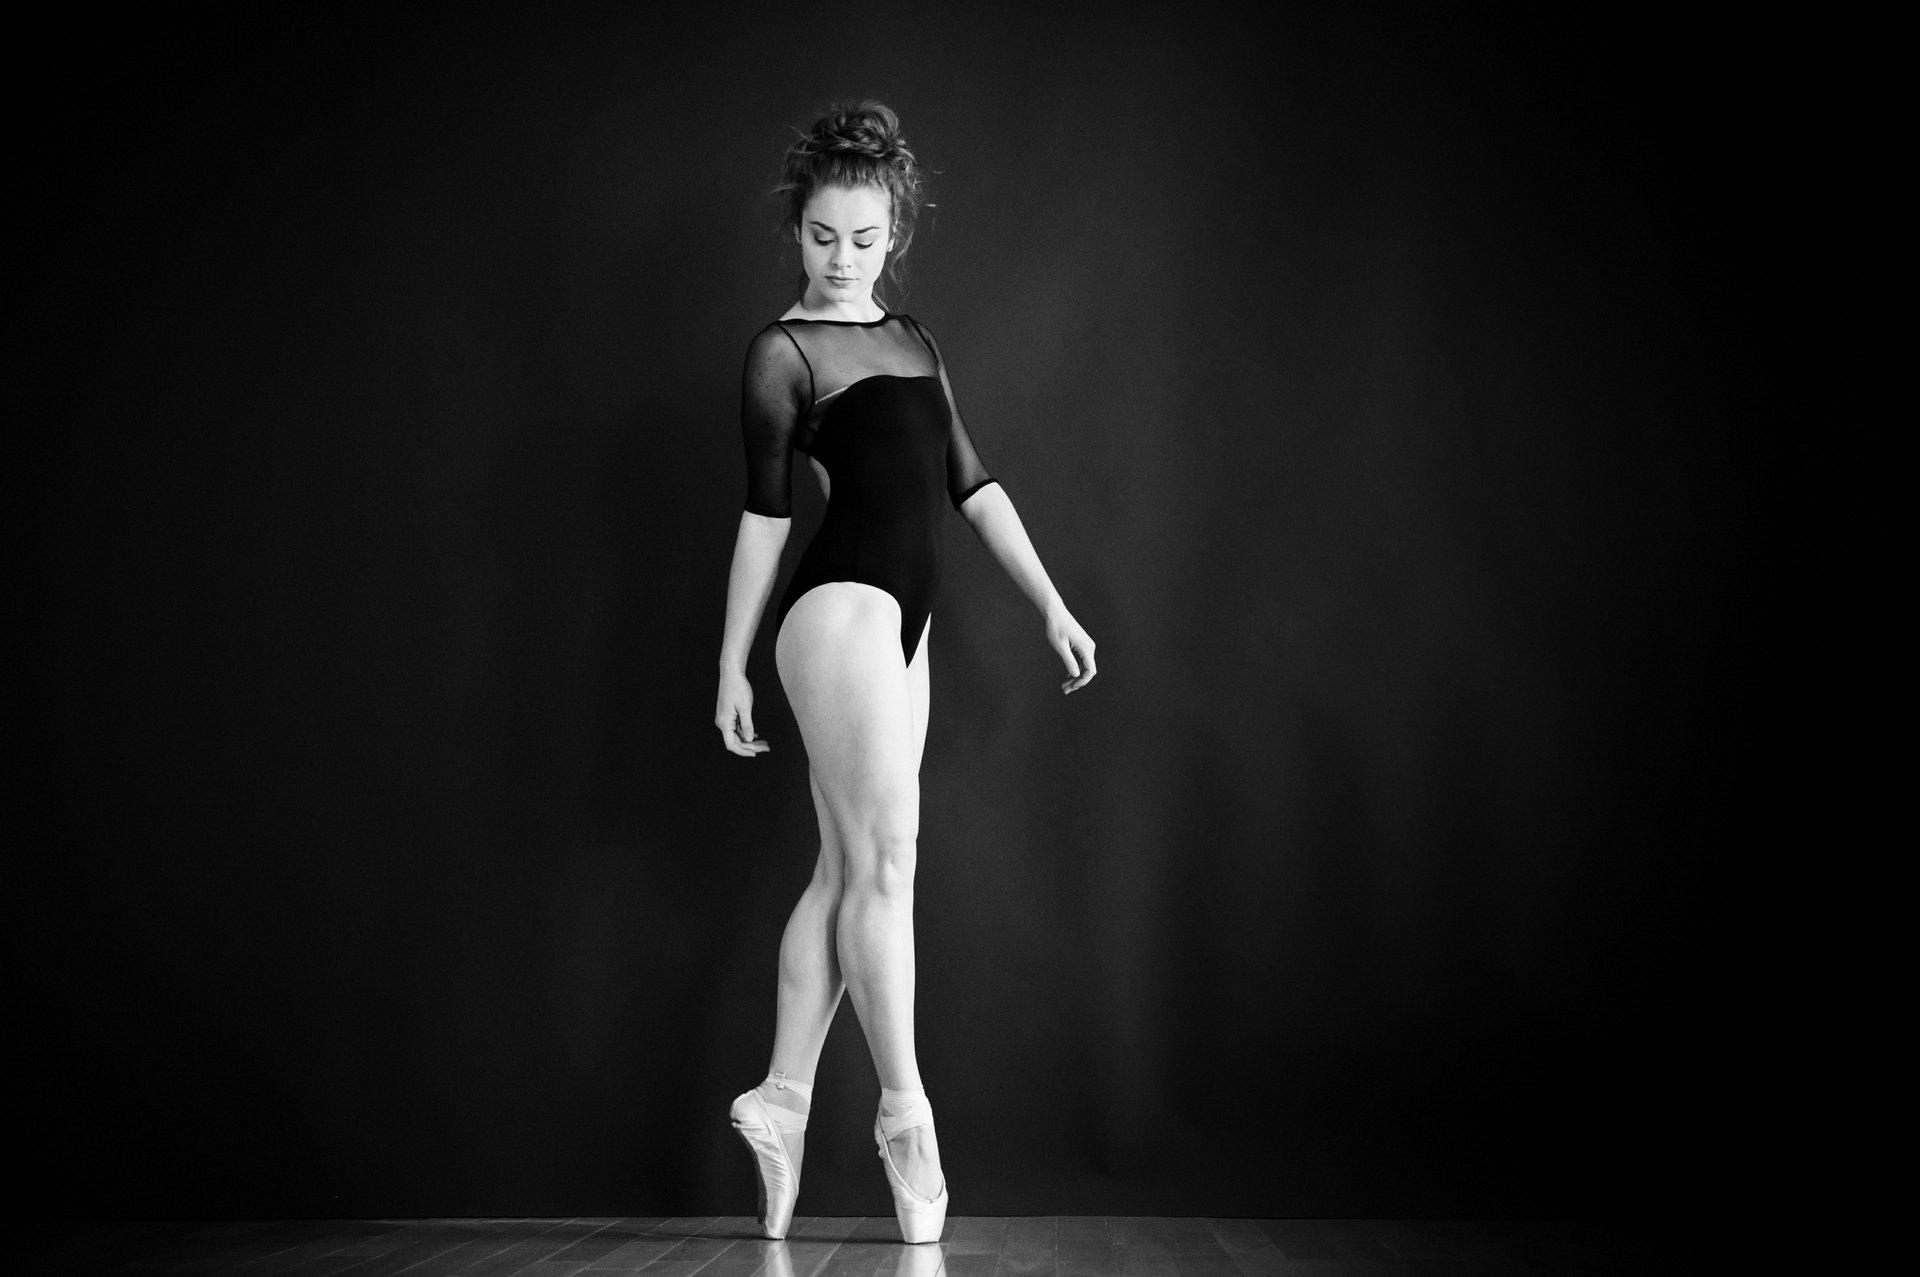 nEO_IMG_Marissa Dance-26-BW.jpg